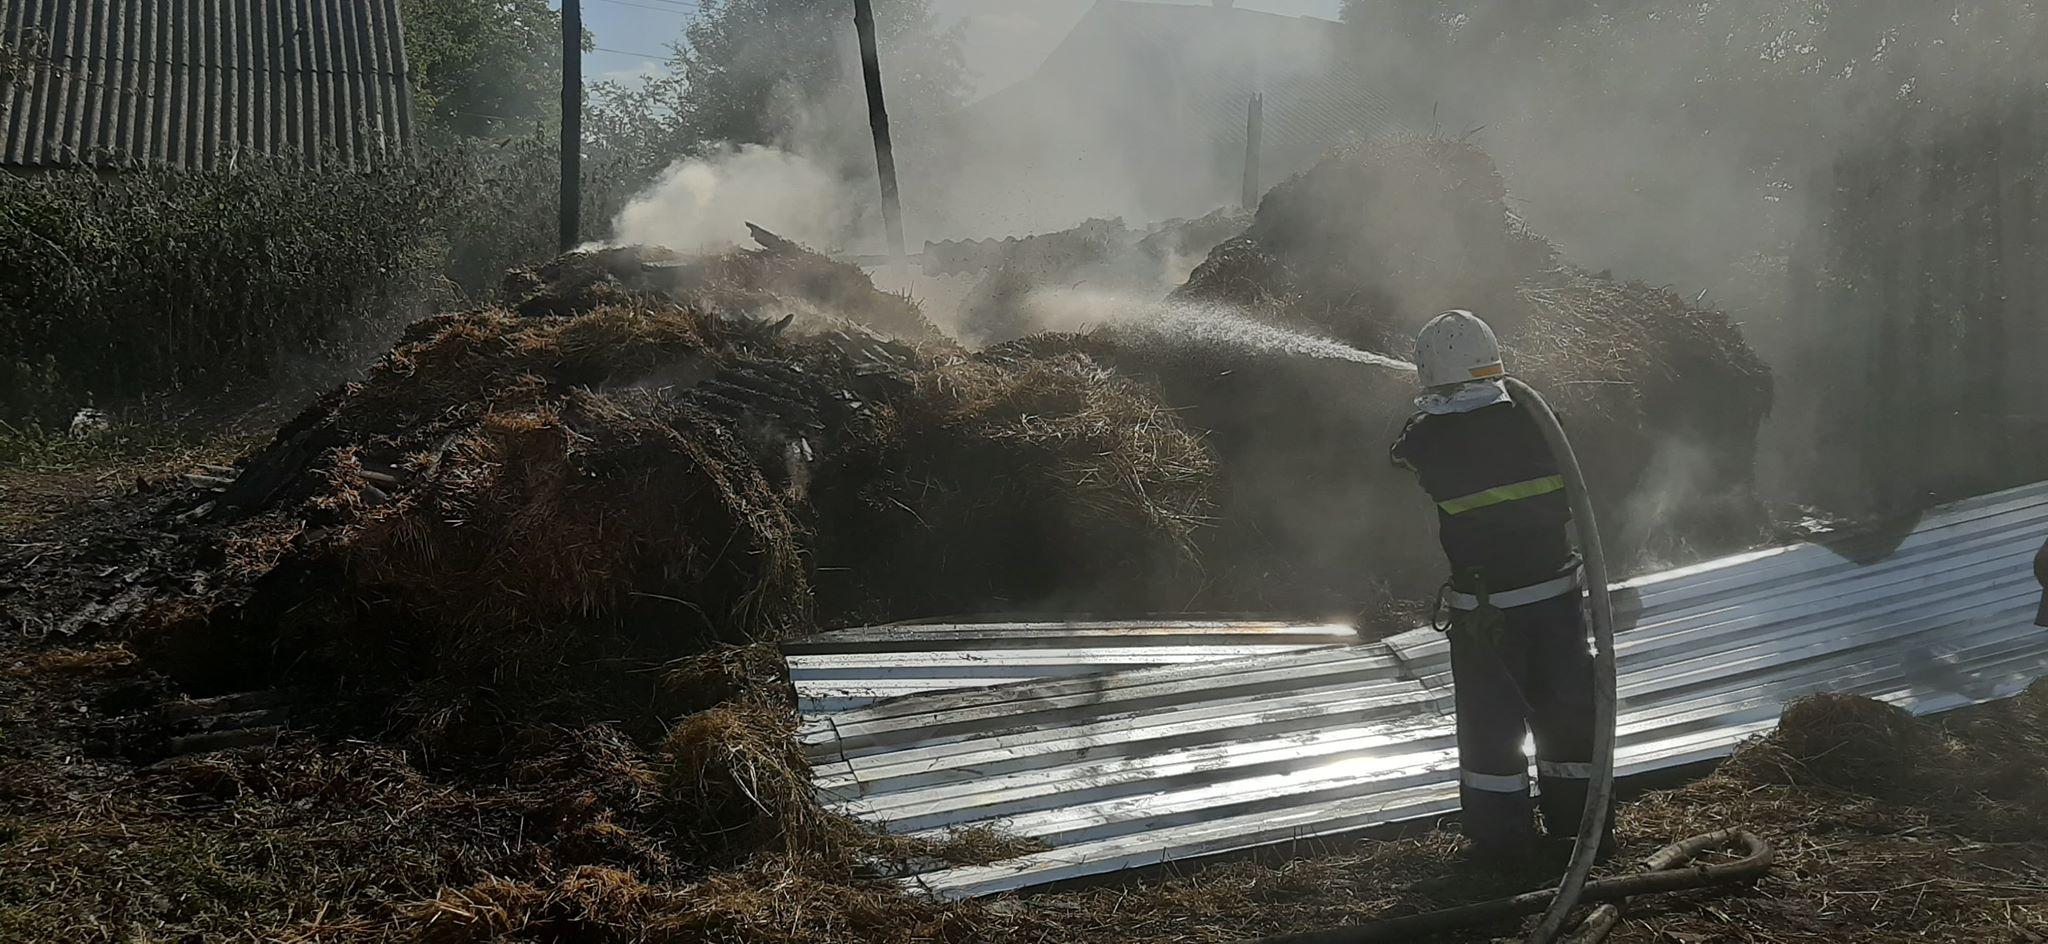 Сіновал згорів у Семках